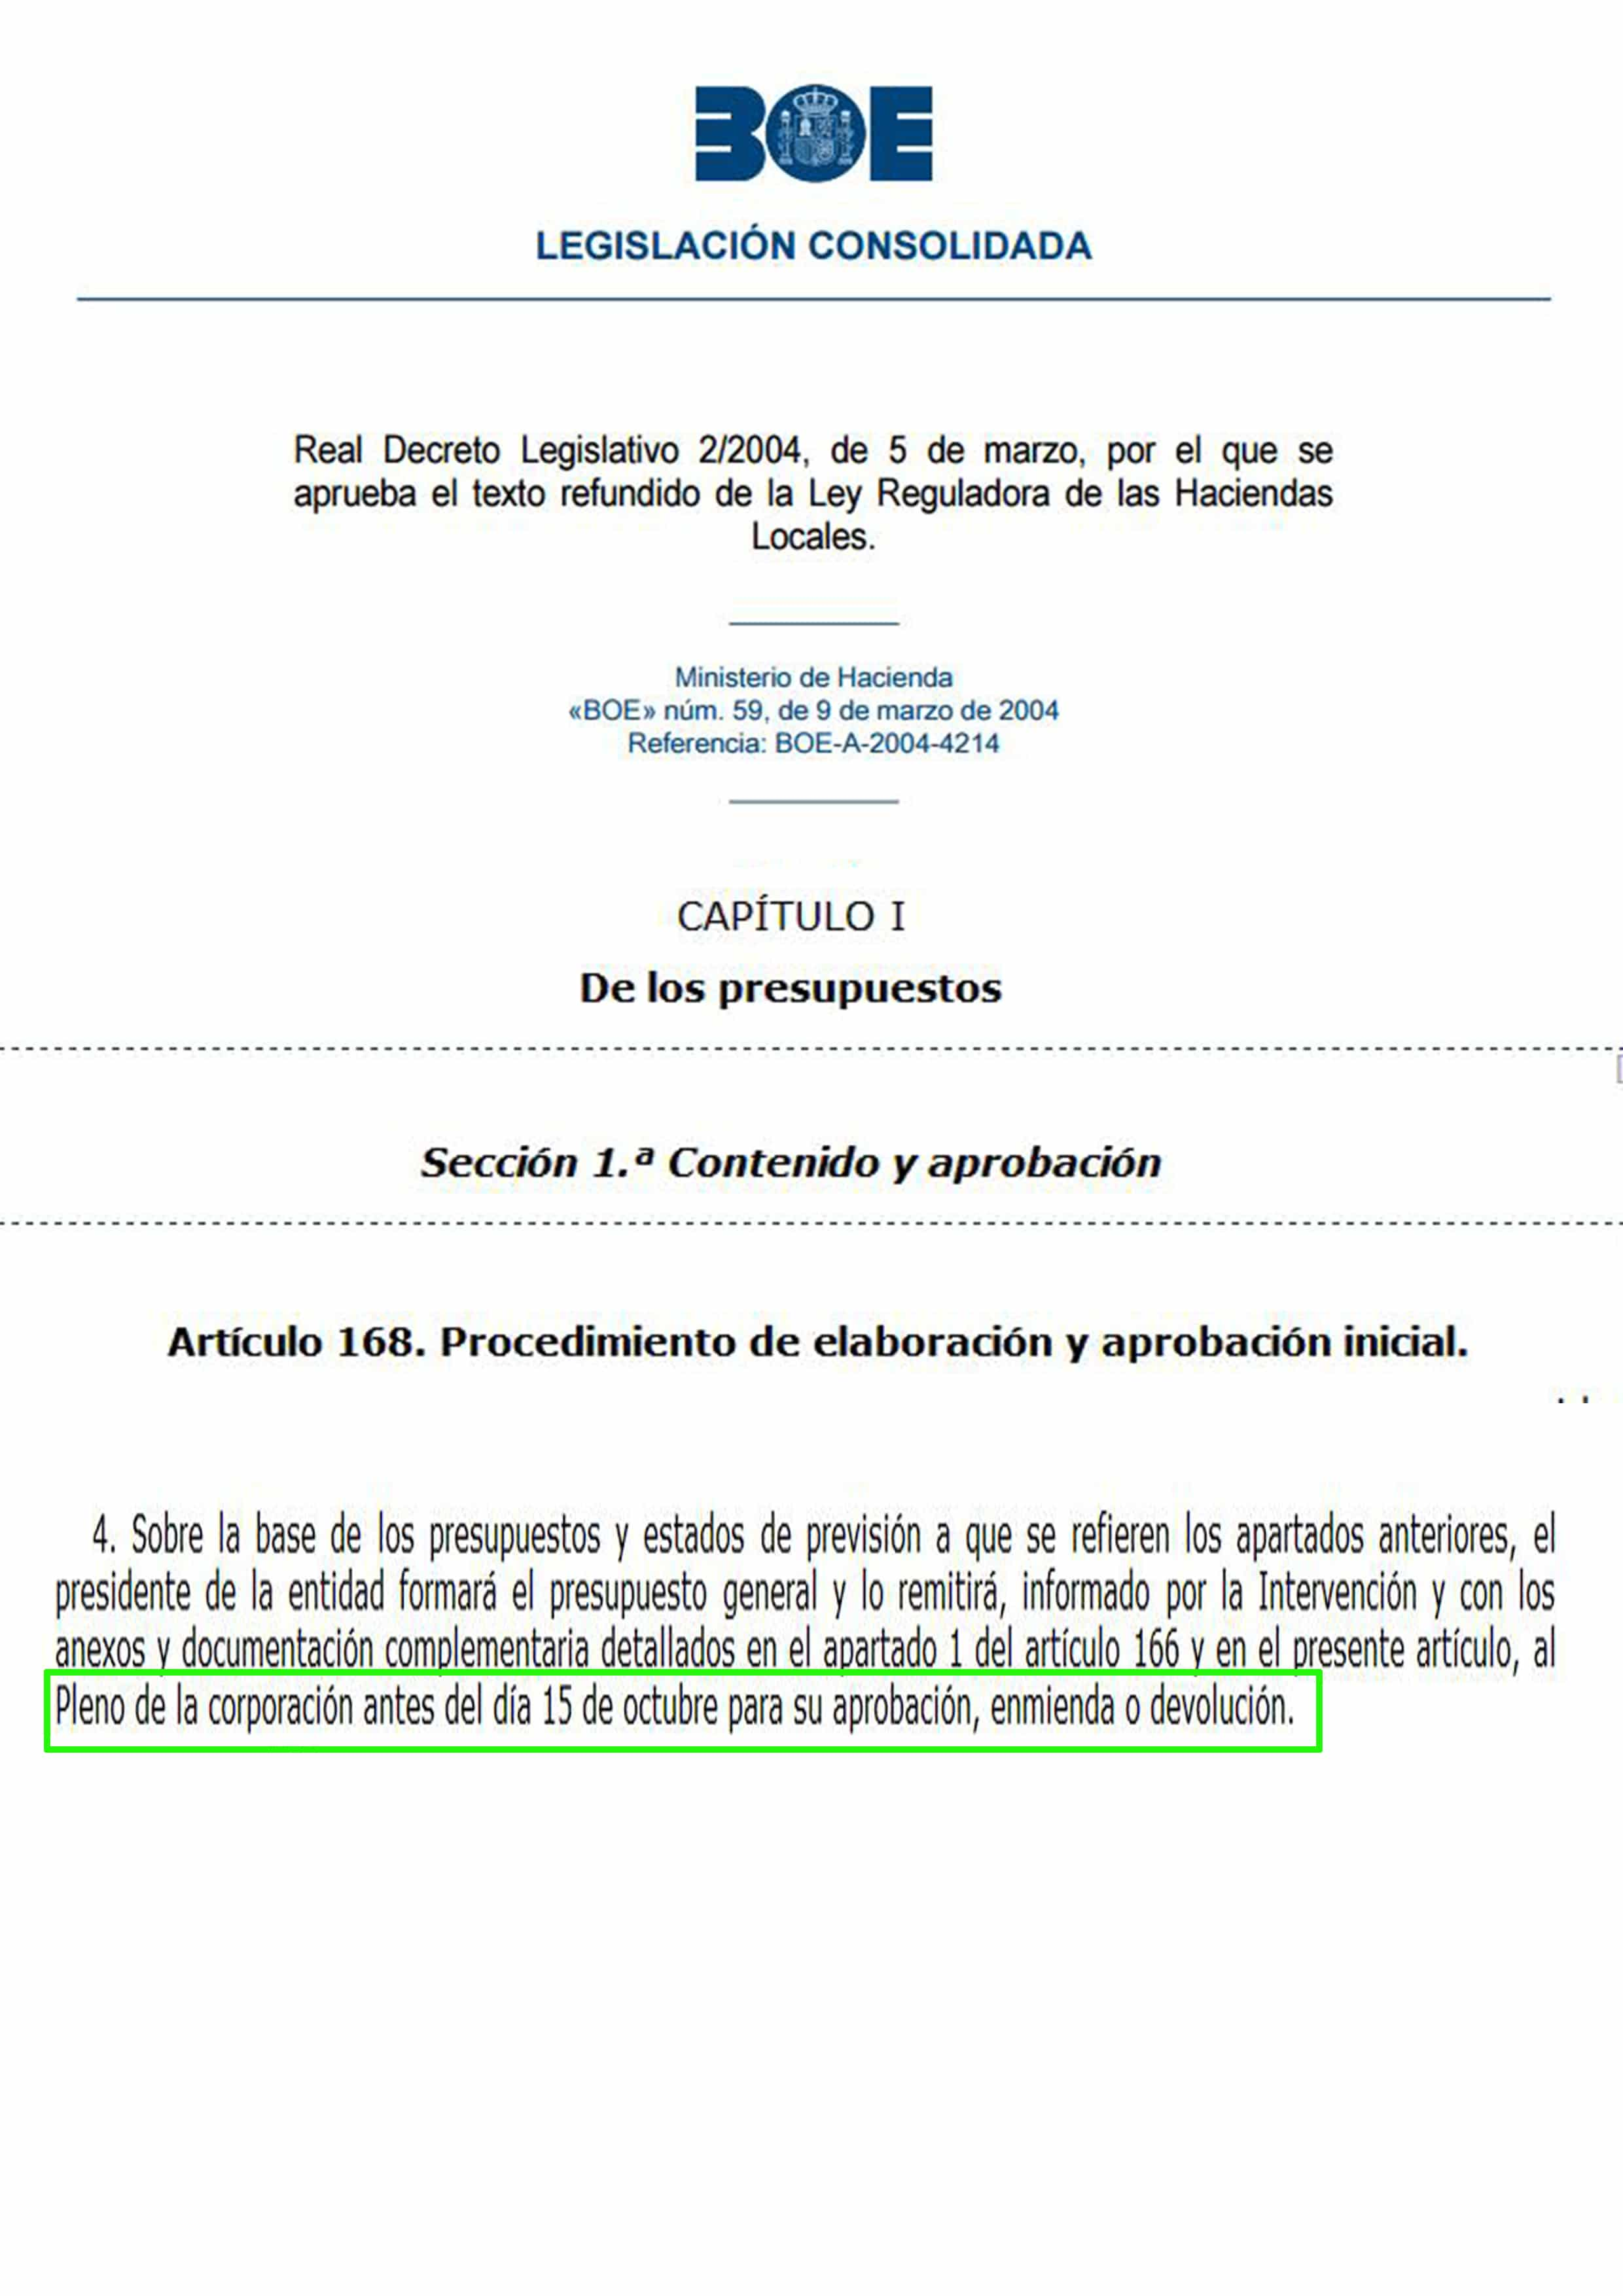 Alcalde de Leganés vulnera la Ley de Haciendas Locales y no envía los presupuestos al Pleno